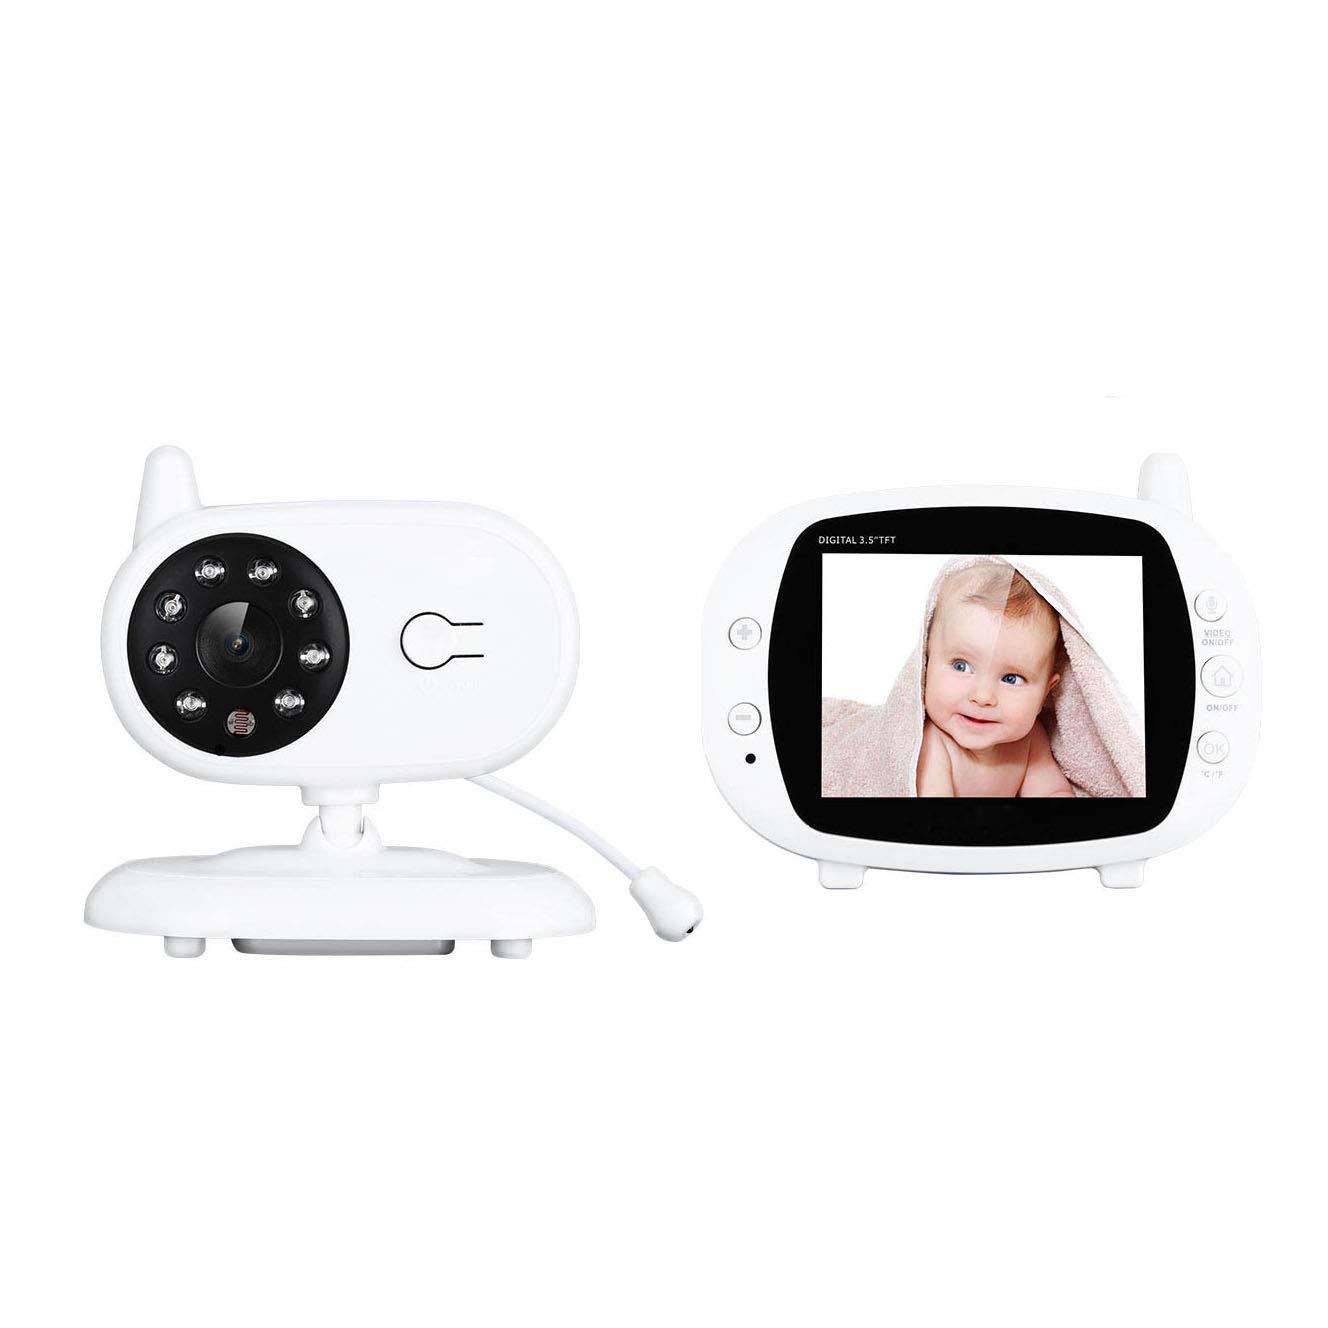 【爆売りセール開催中!】 HD 色 画面 赤ちゃん B07R41S3NC モニター 温度 スマート ホーム セキュリティ 検出 カメラ ビルトイン 音楽 簡単 に インストール と 夜 ビジョン、 音声 インターホン、 温度 検出 ブザー 関数 B07R41S3NC, スズカグン:d48cd969 --- dou13magadan.ru